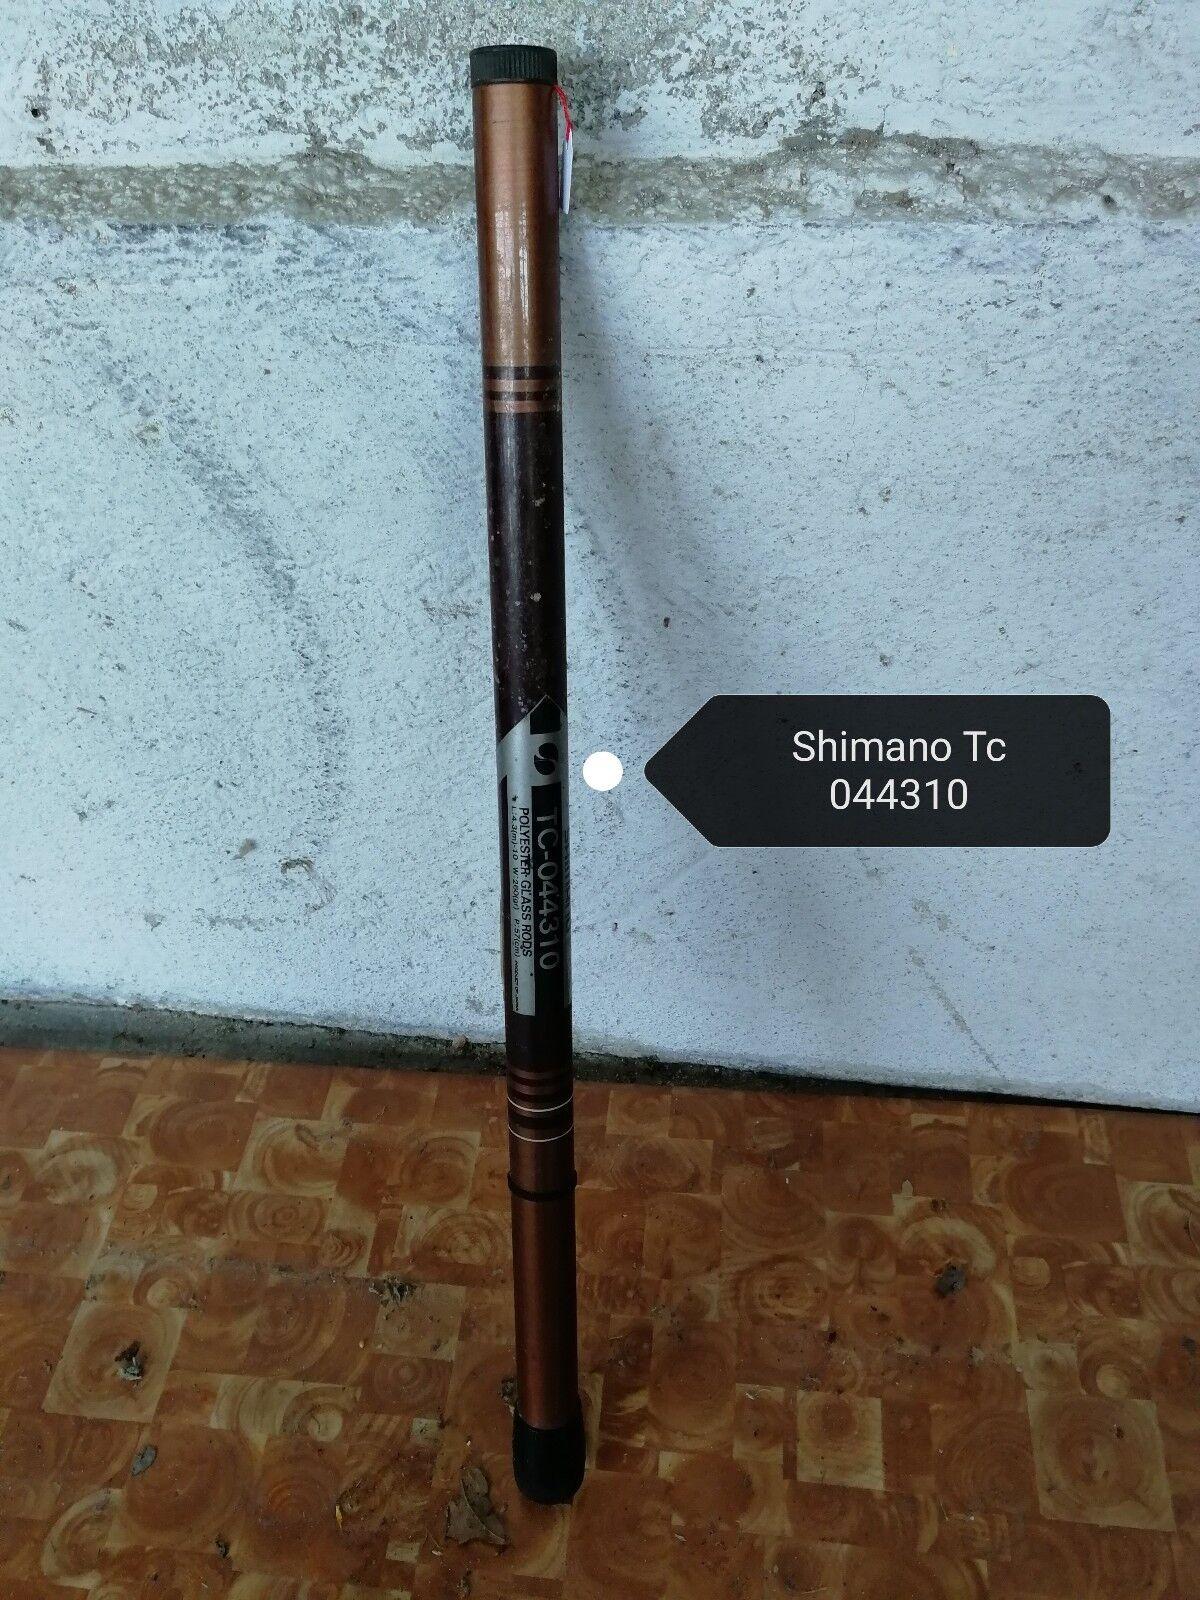 Articolo C026 - Canna da pesca Shimano Tc 044310 - 4.30 metri